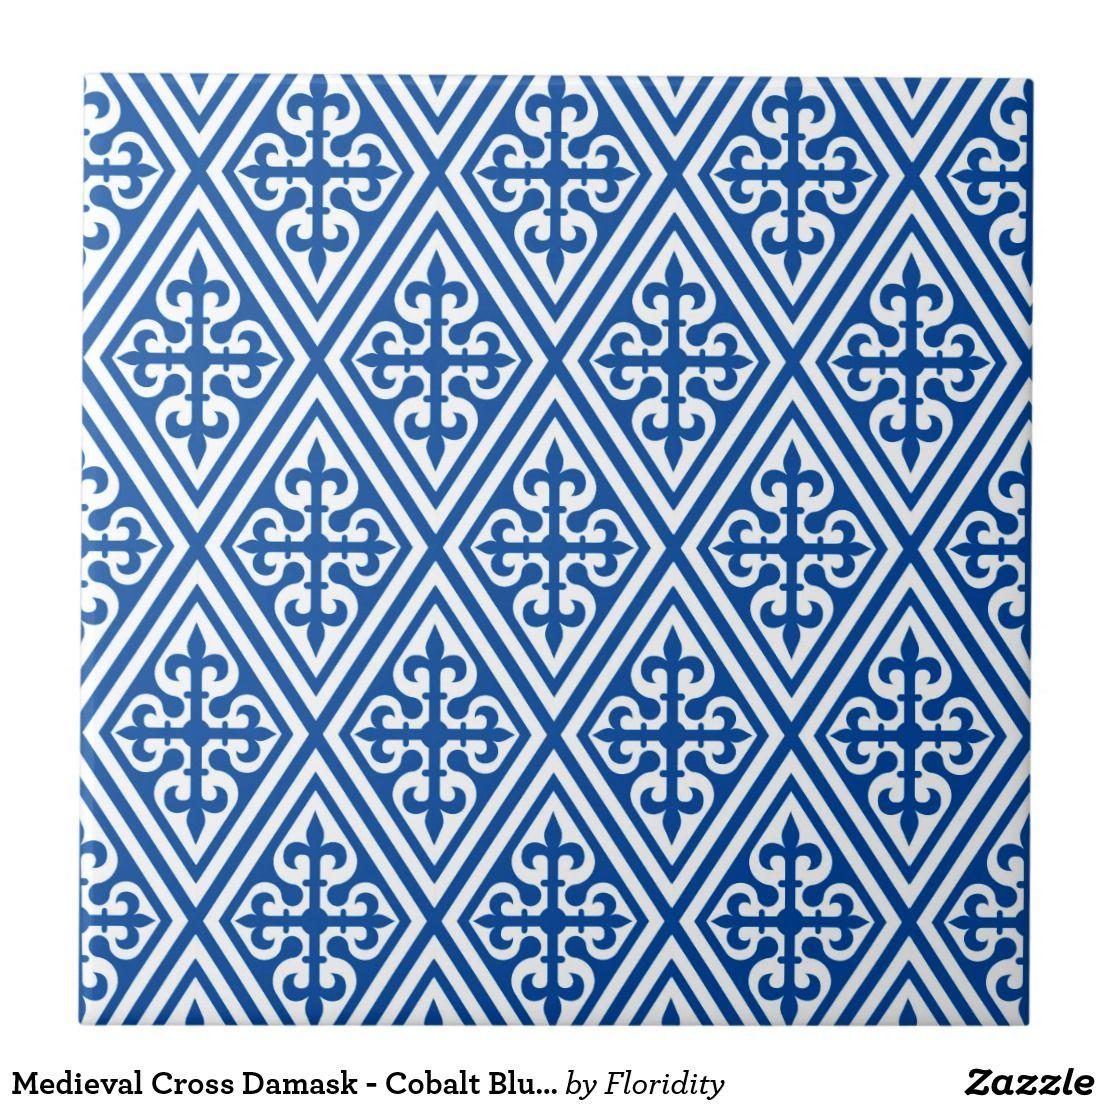 Mediaeval Cross Damask - Cobalt Blue and White Tile | Pinterest ...